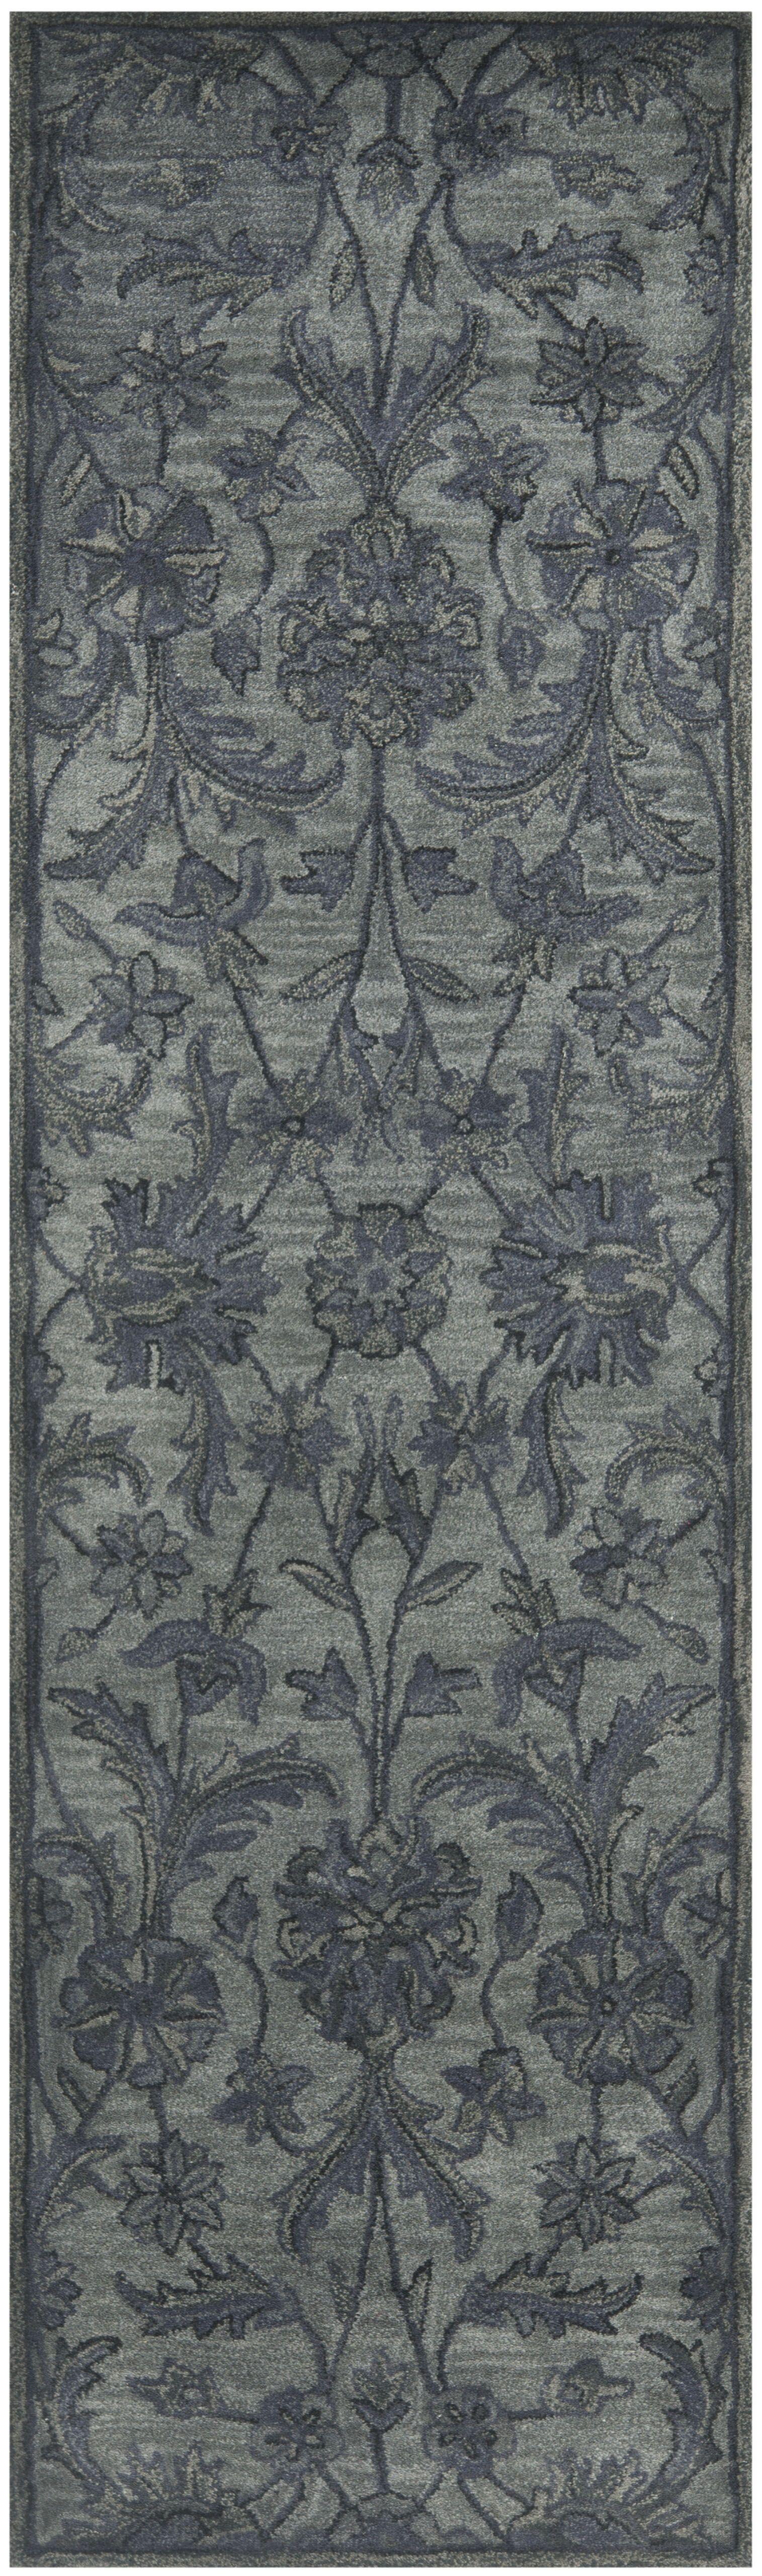 Dunbar Hand-Woven Wool Grey Area Rug Rug Size: Runner 2'3